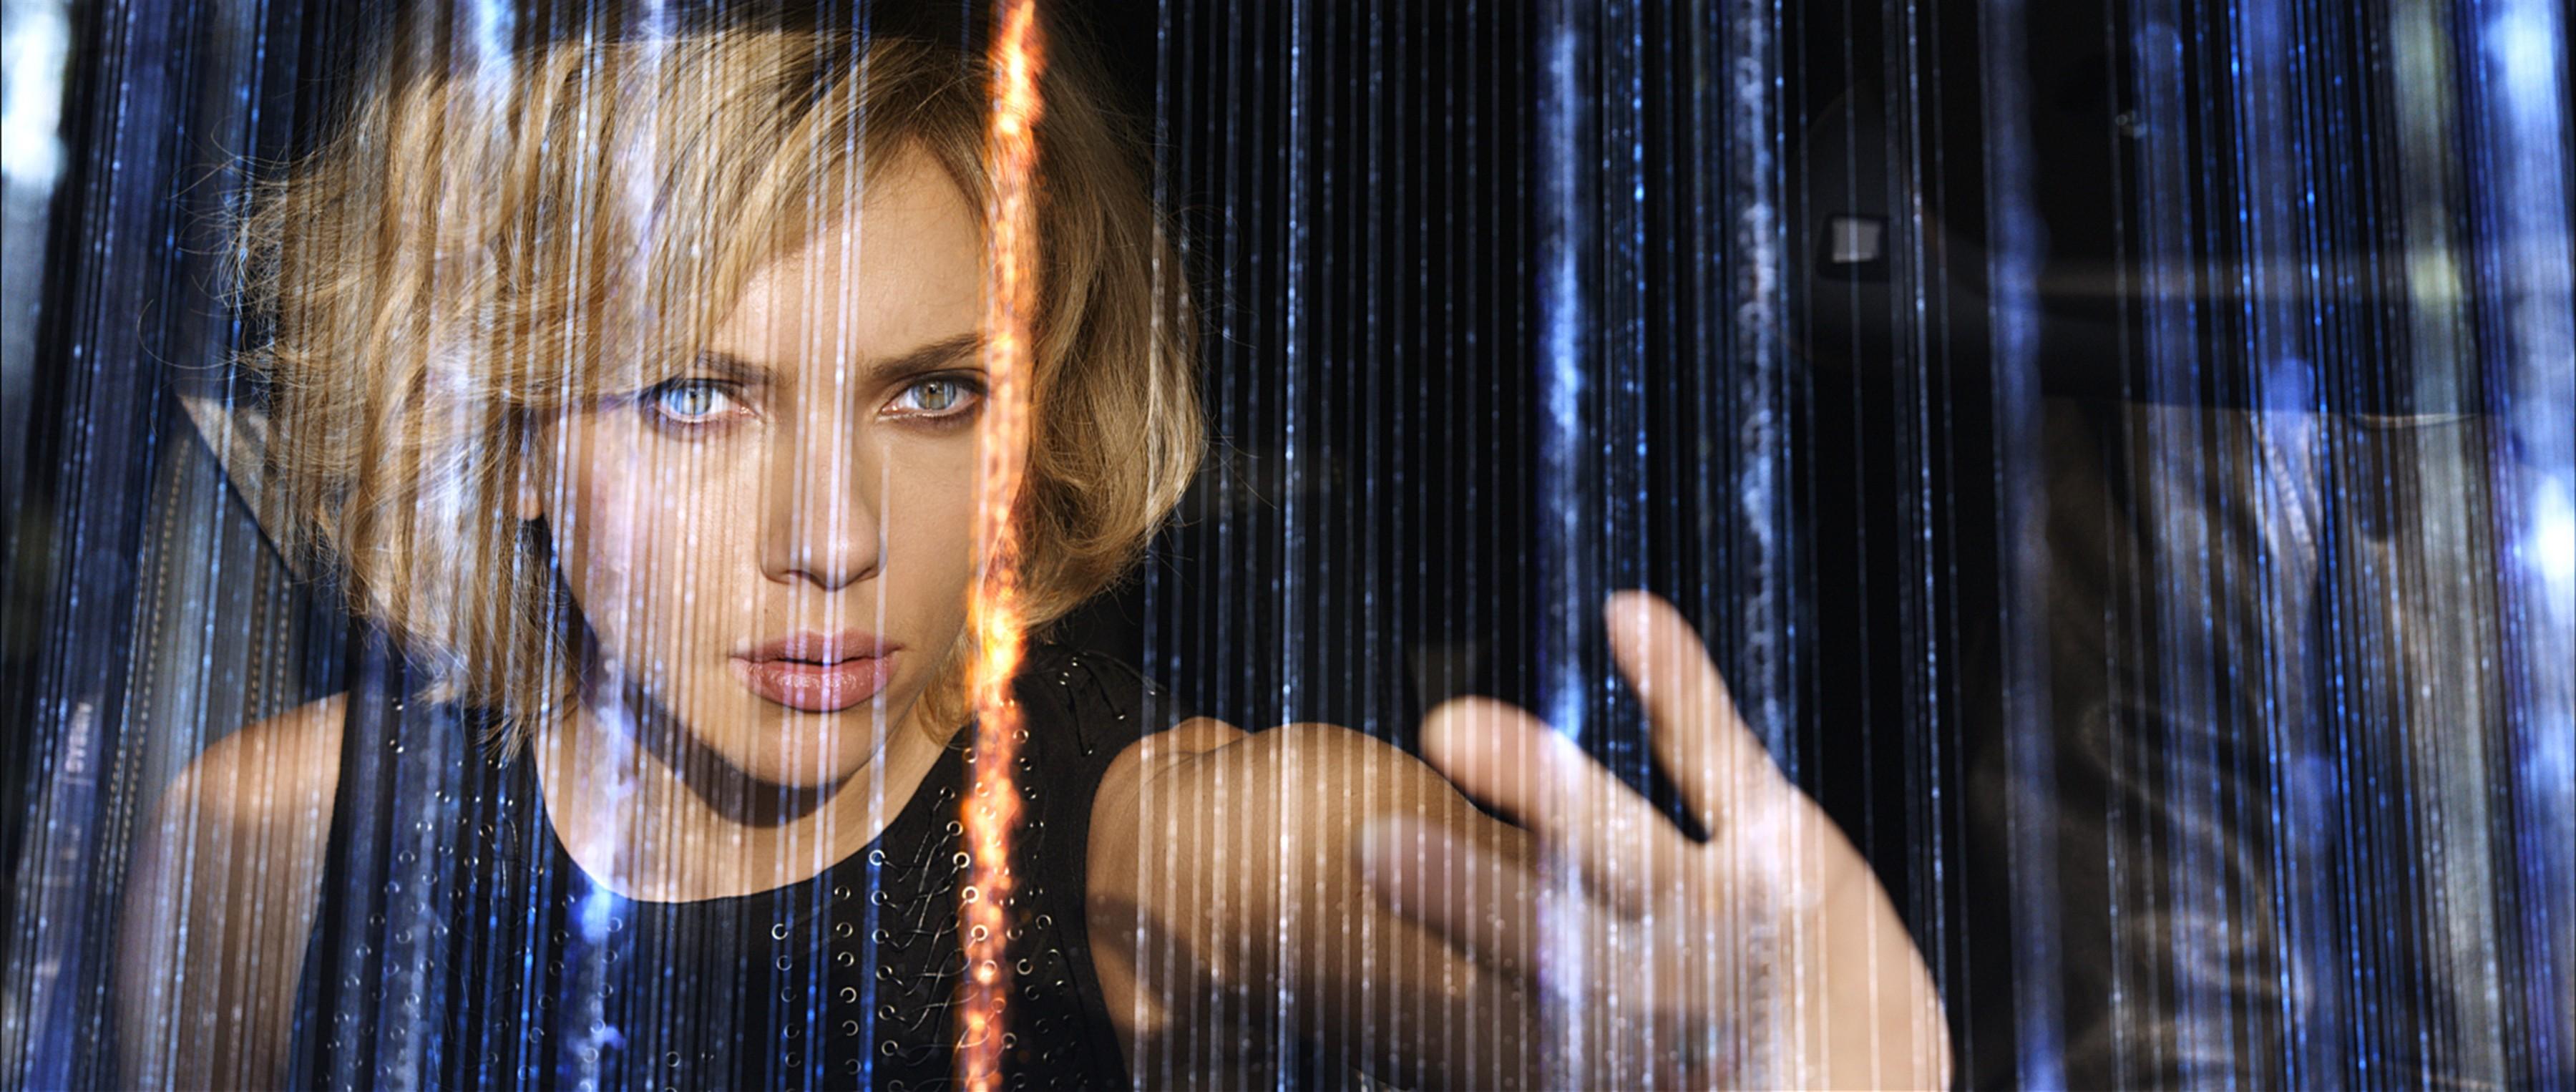 LUCY LUC BESSON - Scarlett johansson - Morgan freeman - dans la peau d'une blogueuse - cinéma